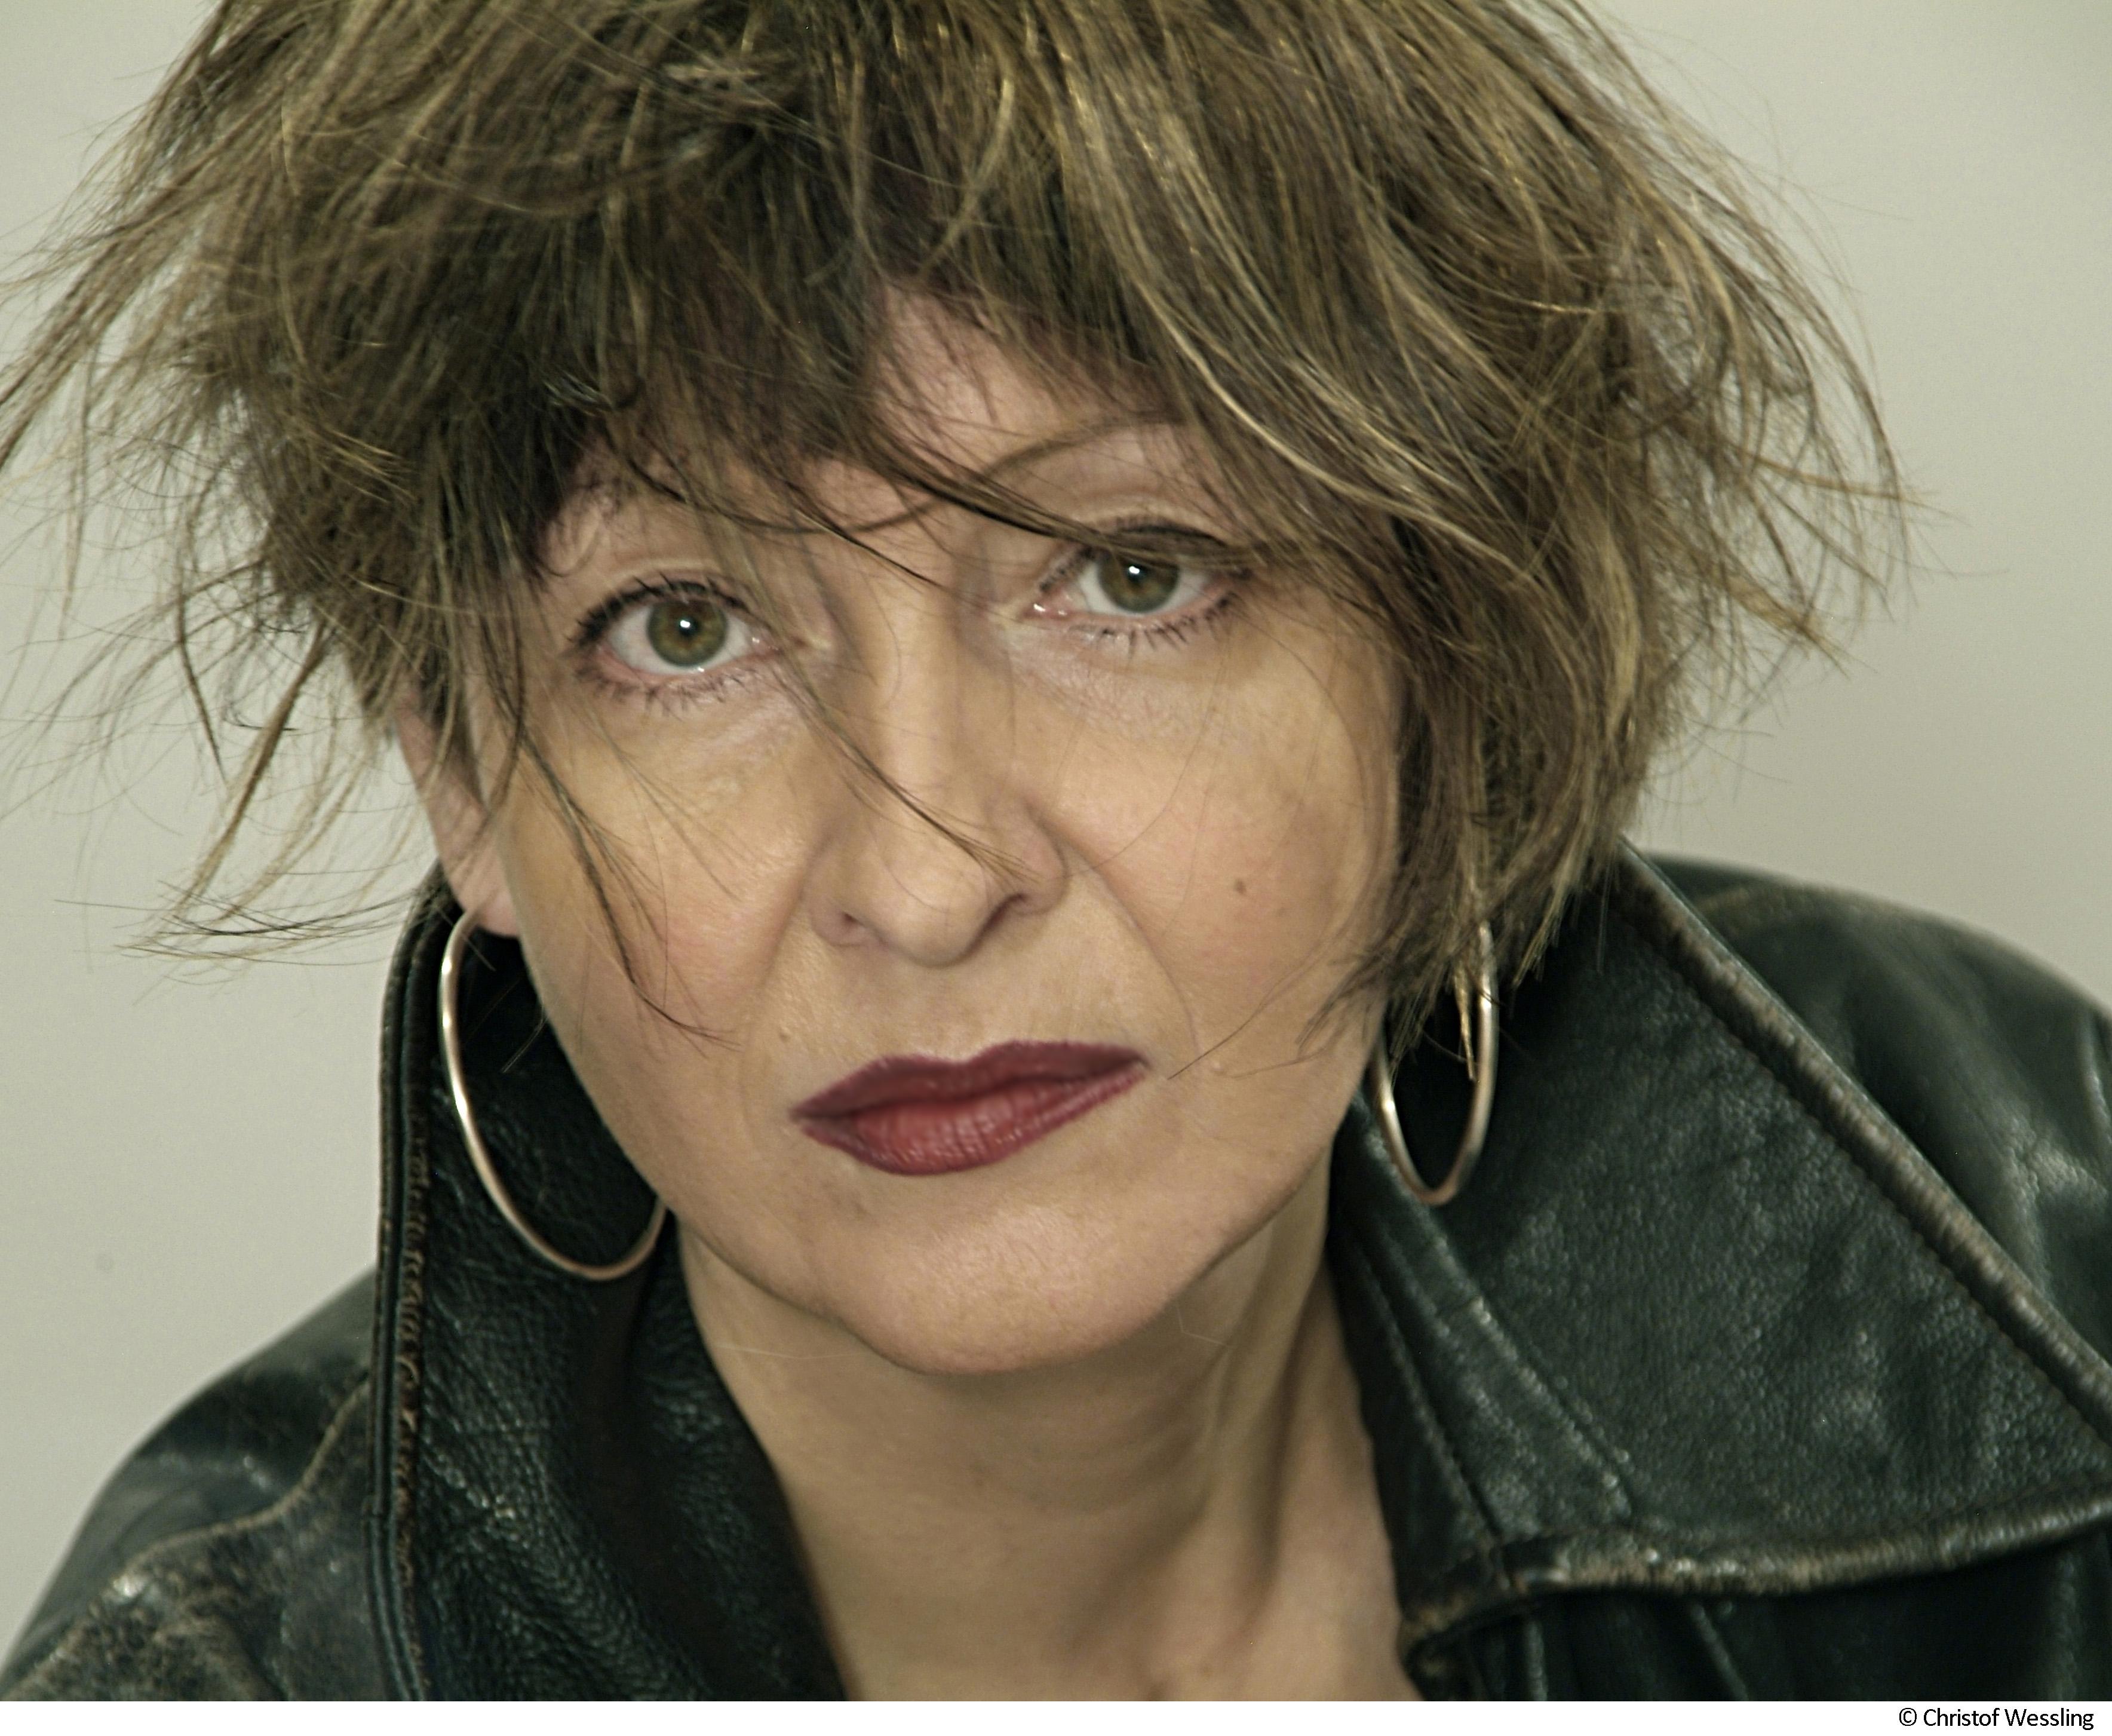 Abdruck bei Nennung des Fotografen im Rahmen der Berichterstattung über Susanne Brantl honorarfrei.